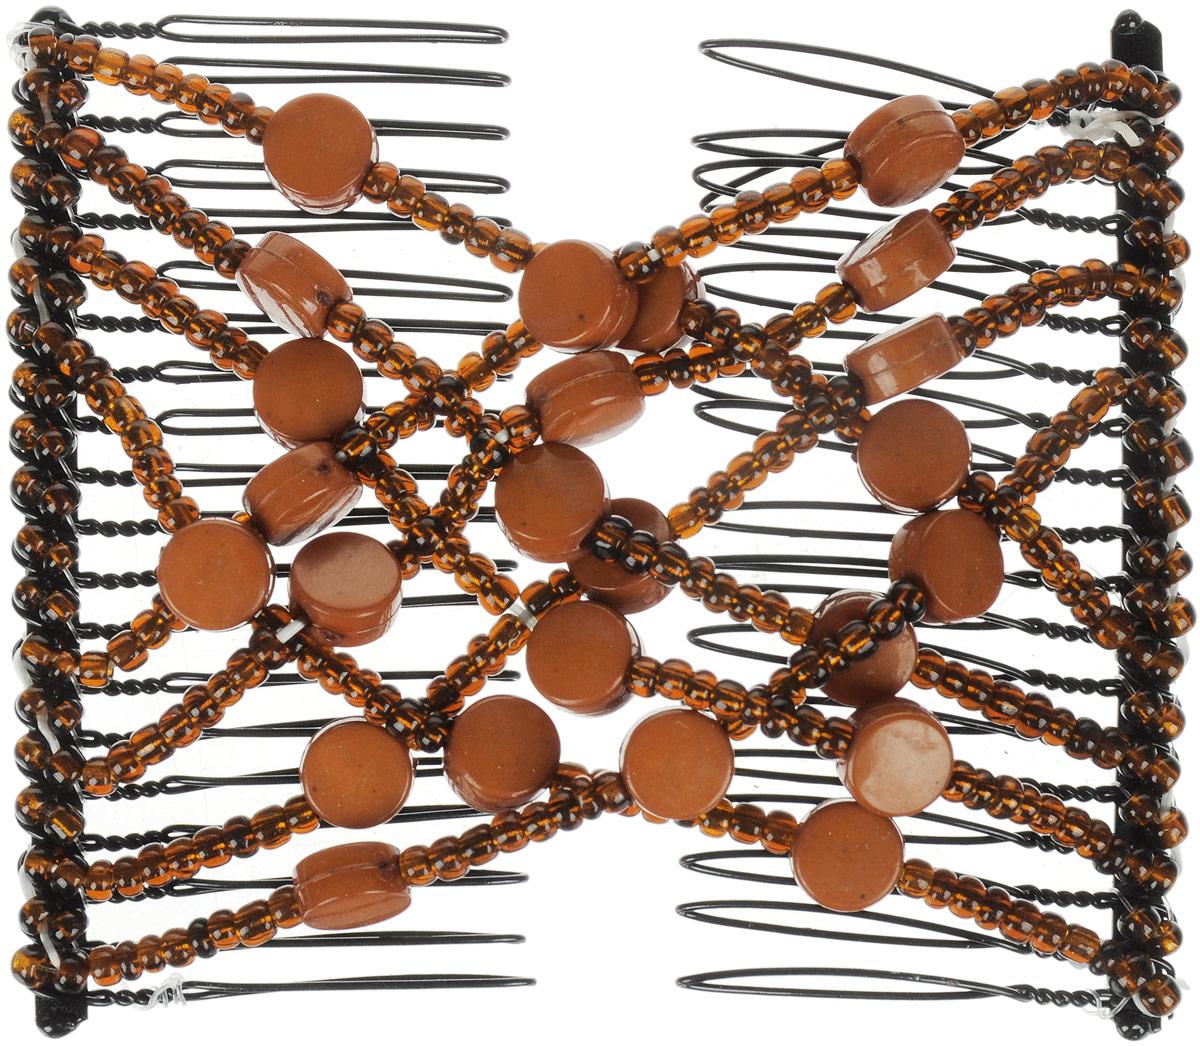 EZ-Combs Заколка Изи-Комбс, одинарная, цвет: коричневый